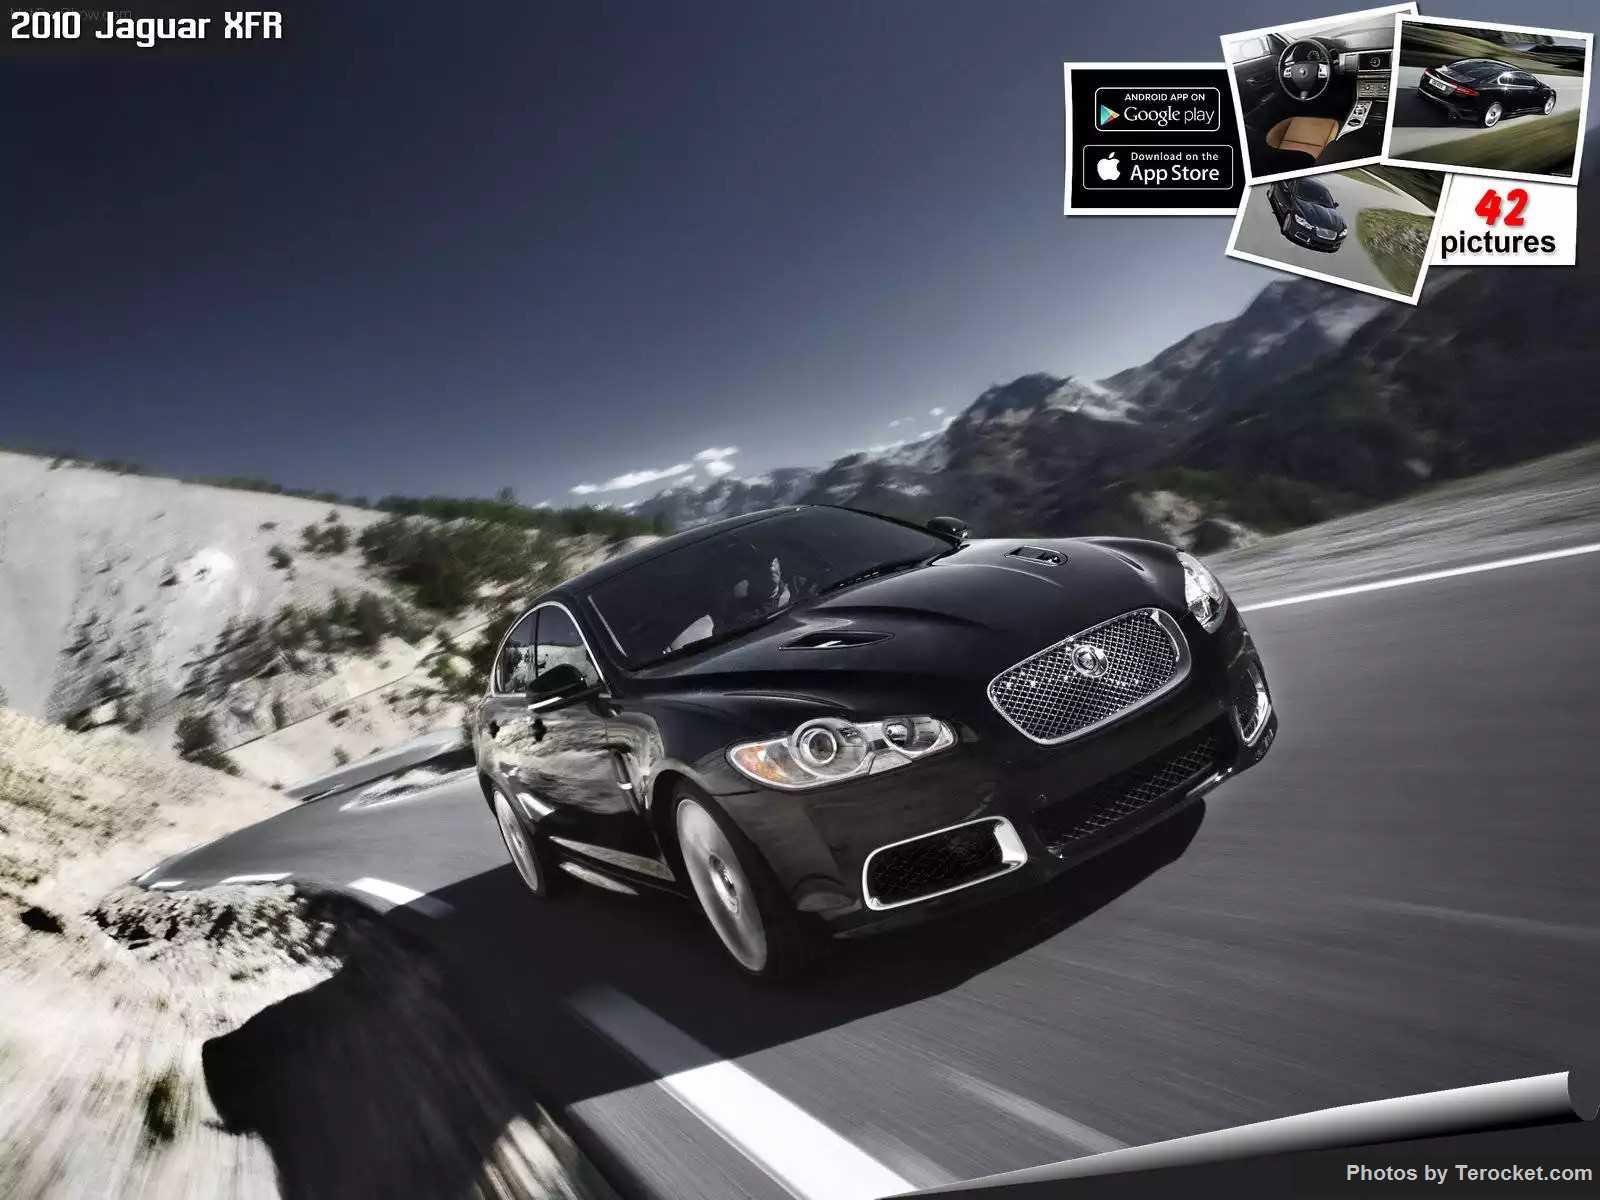 Hình ảnh xe ô tô Jaguar XFR 2010 & nội ngoại thất